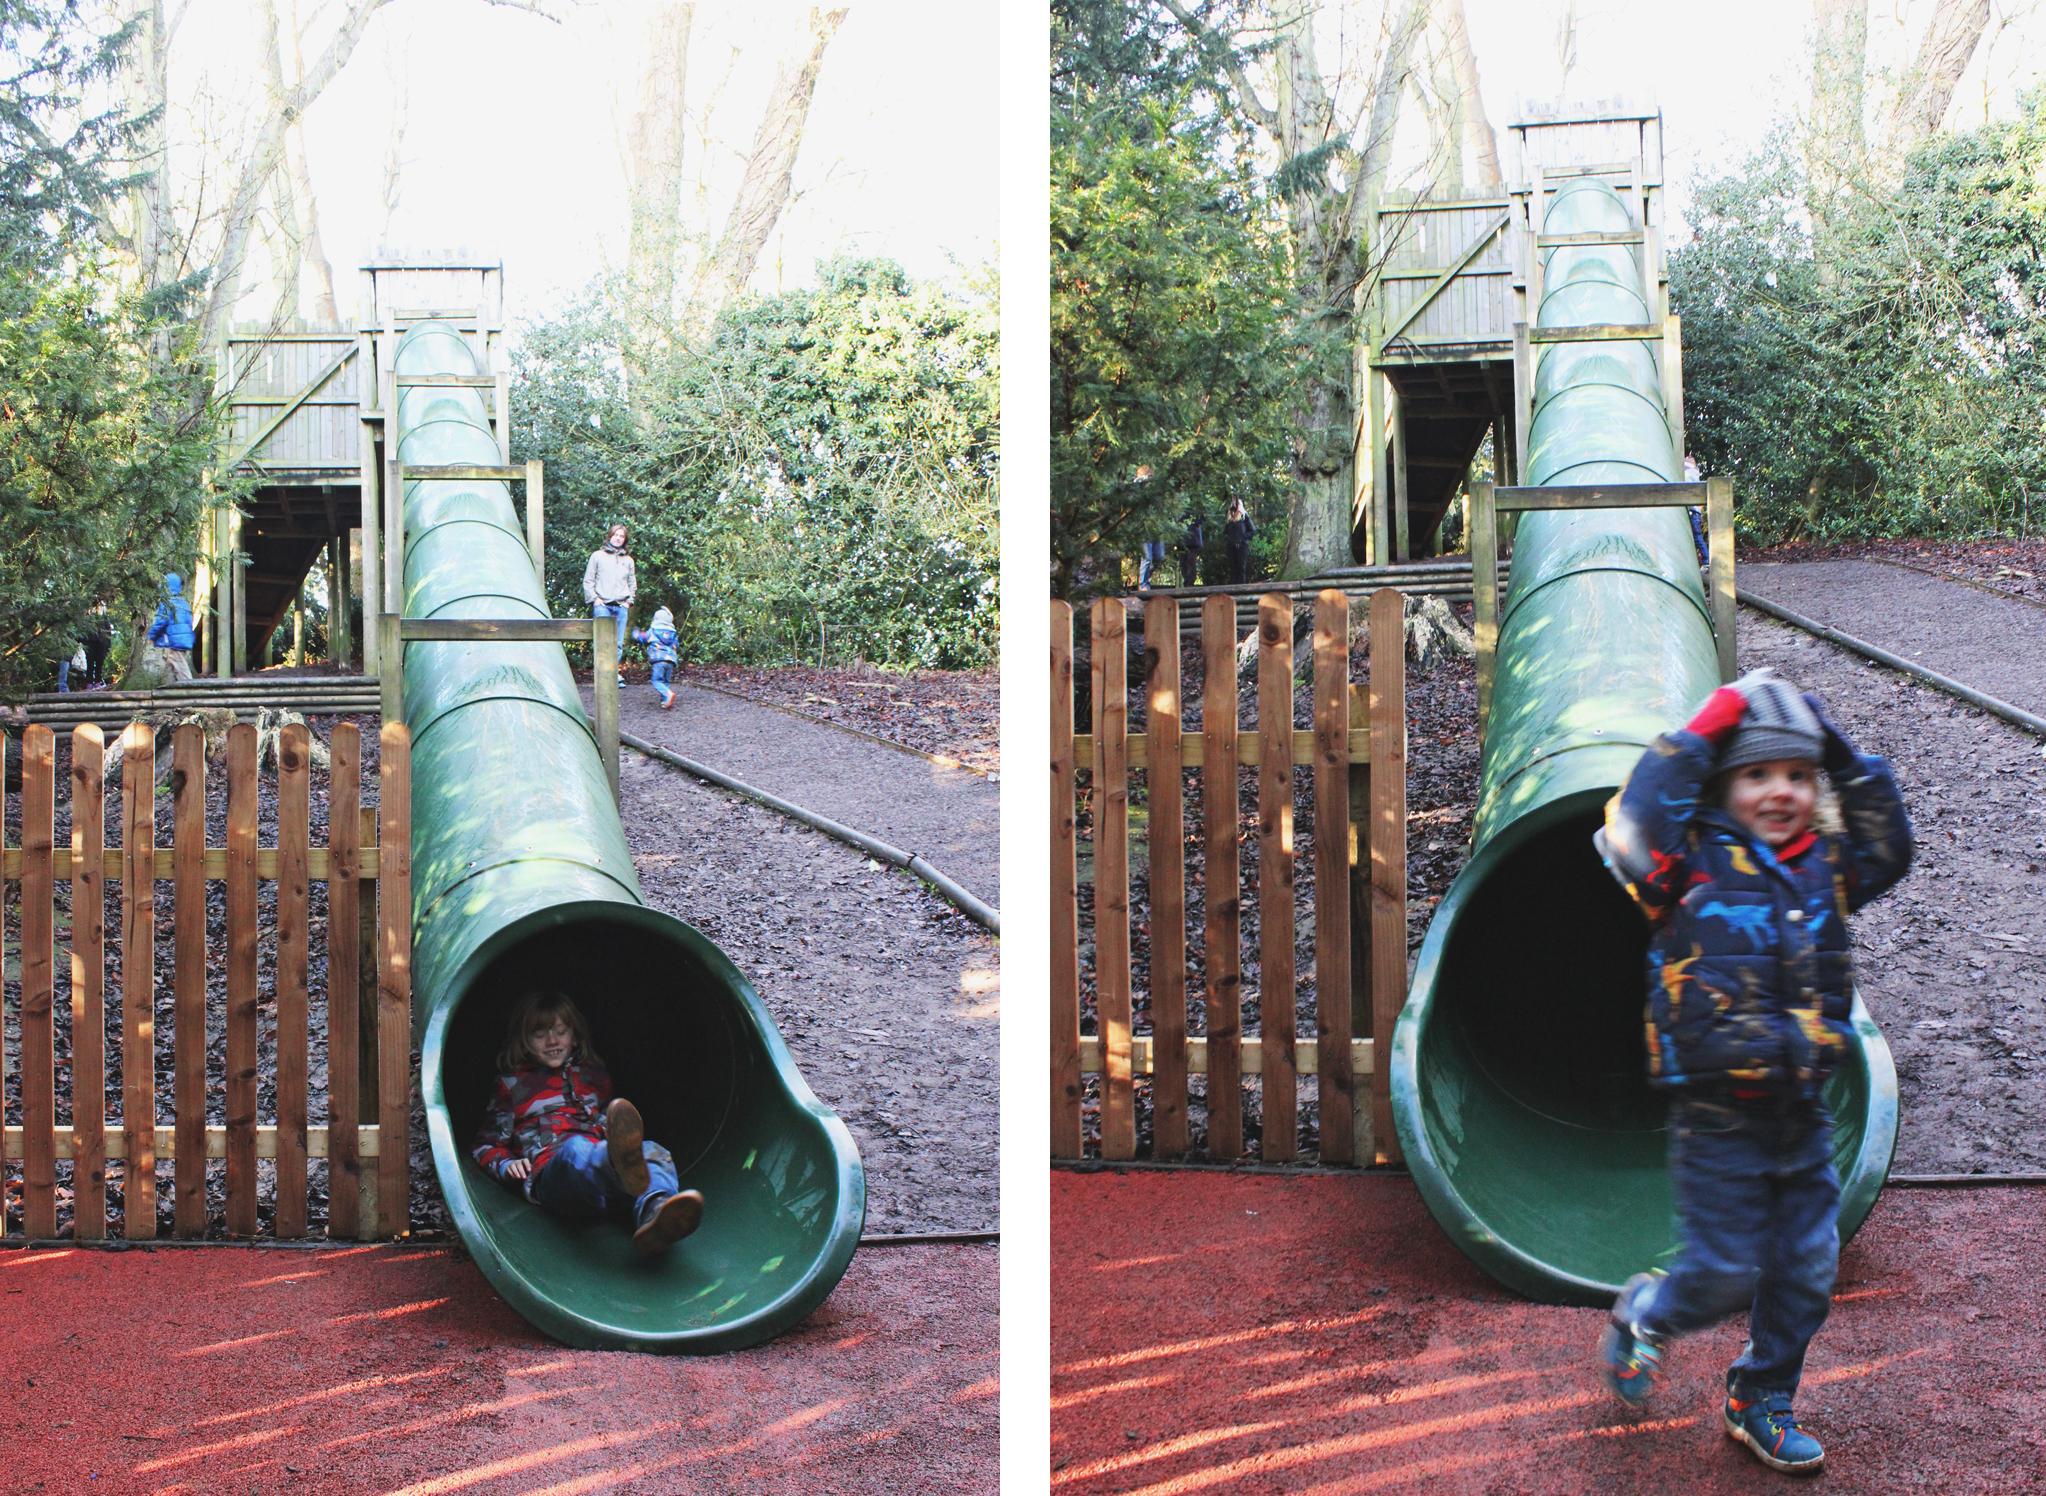 waddesdon-manor-forest-playground.jpg